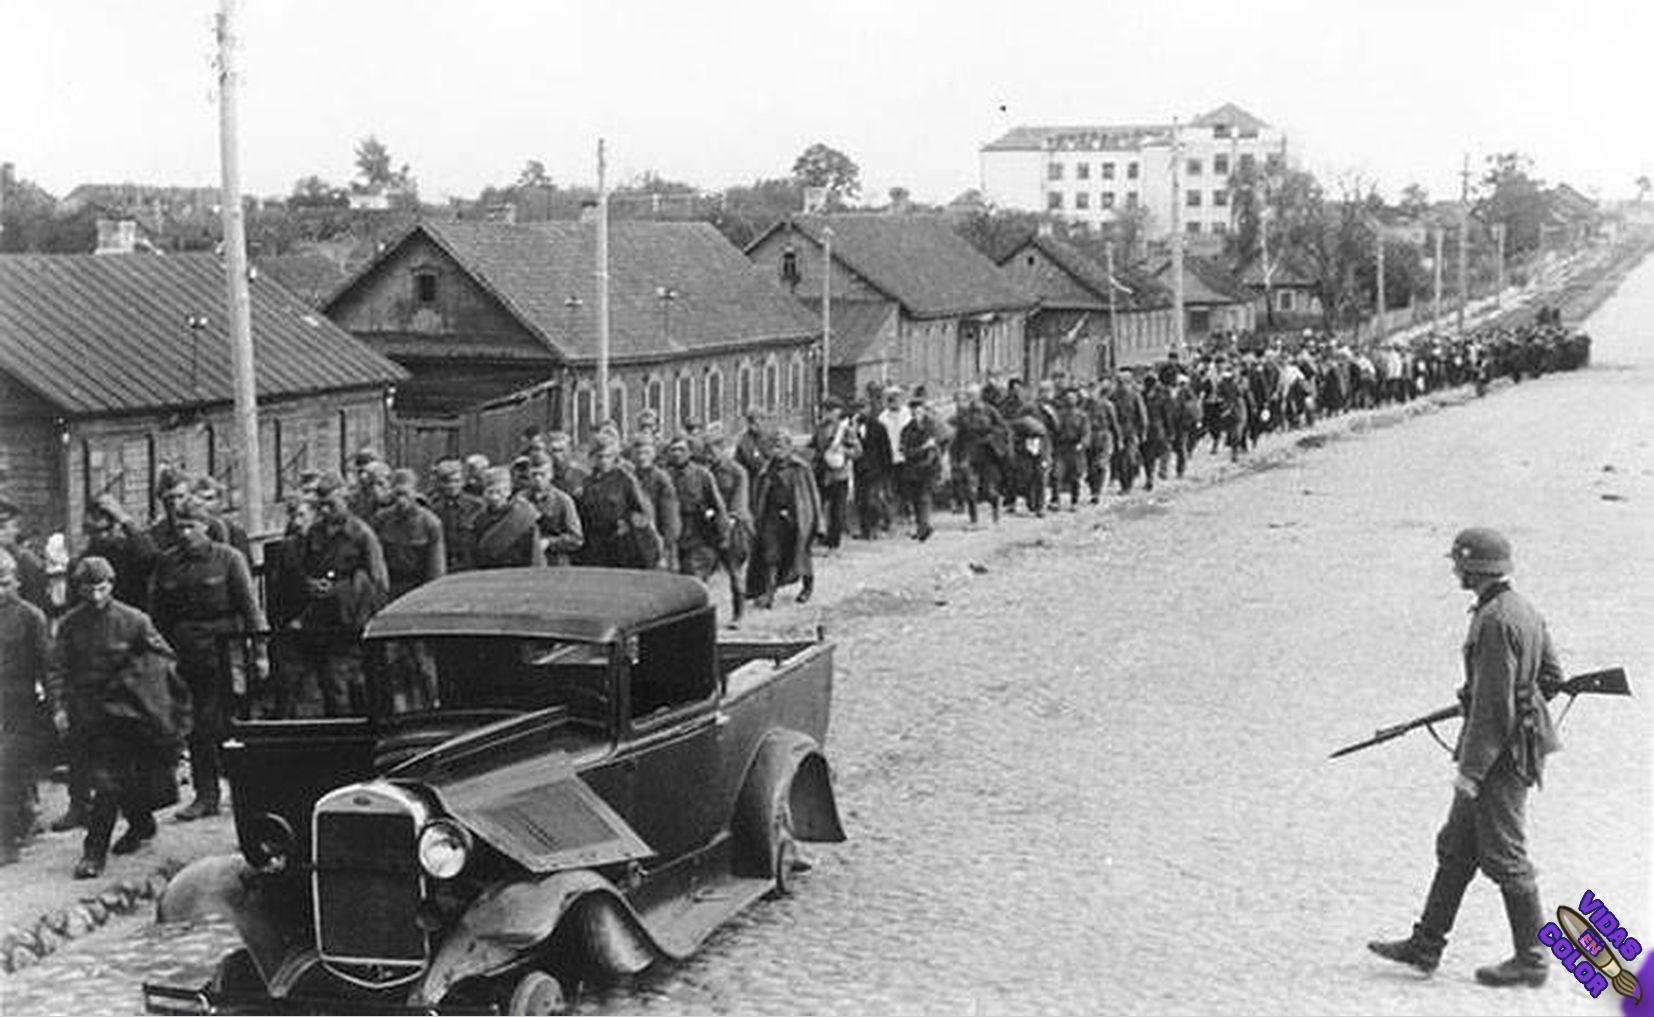 columna_de_prisioneros_sovieticos_capturados_cerca_de_minsk_bielorusia_julio_1945_byn